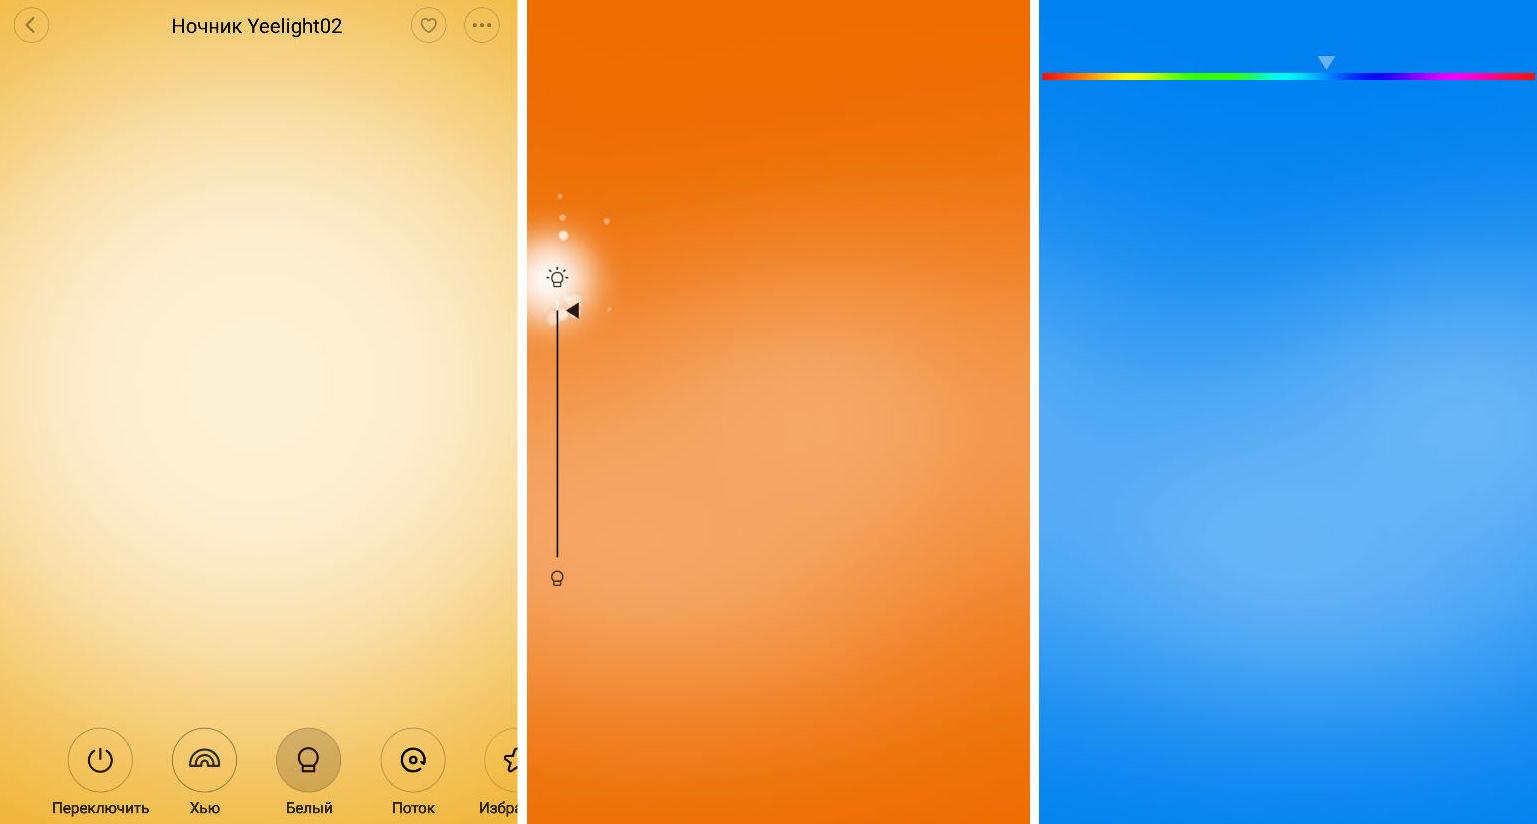 Xiaomi Mi Yeelight Bedside: обзор обзоров прикроватной лампы - 25